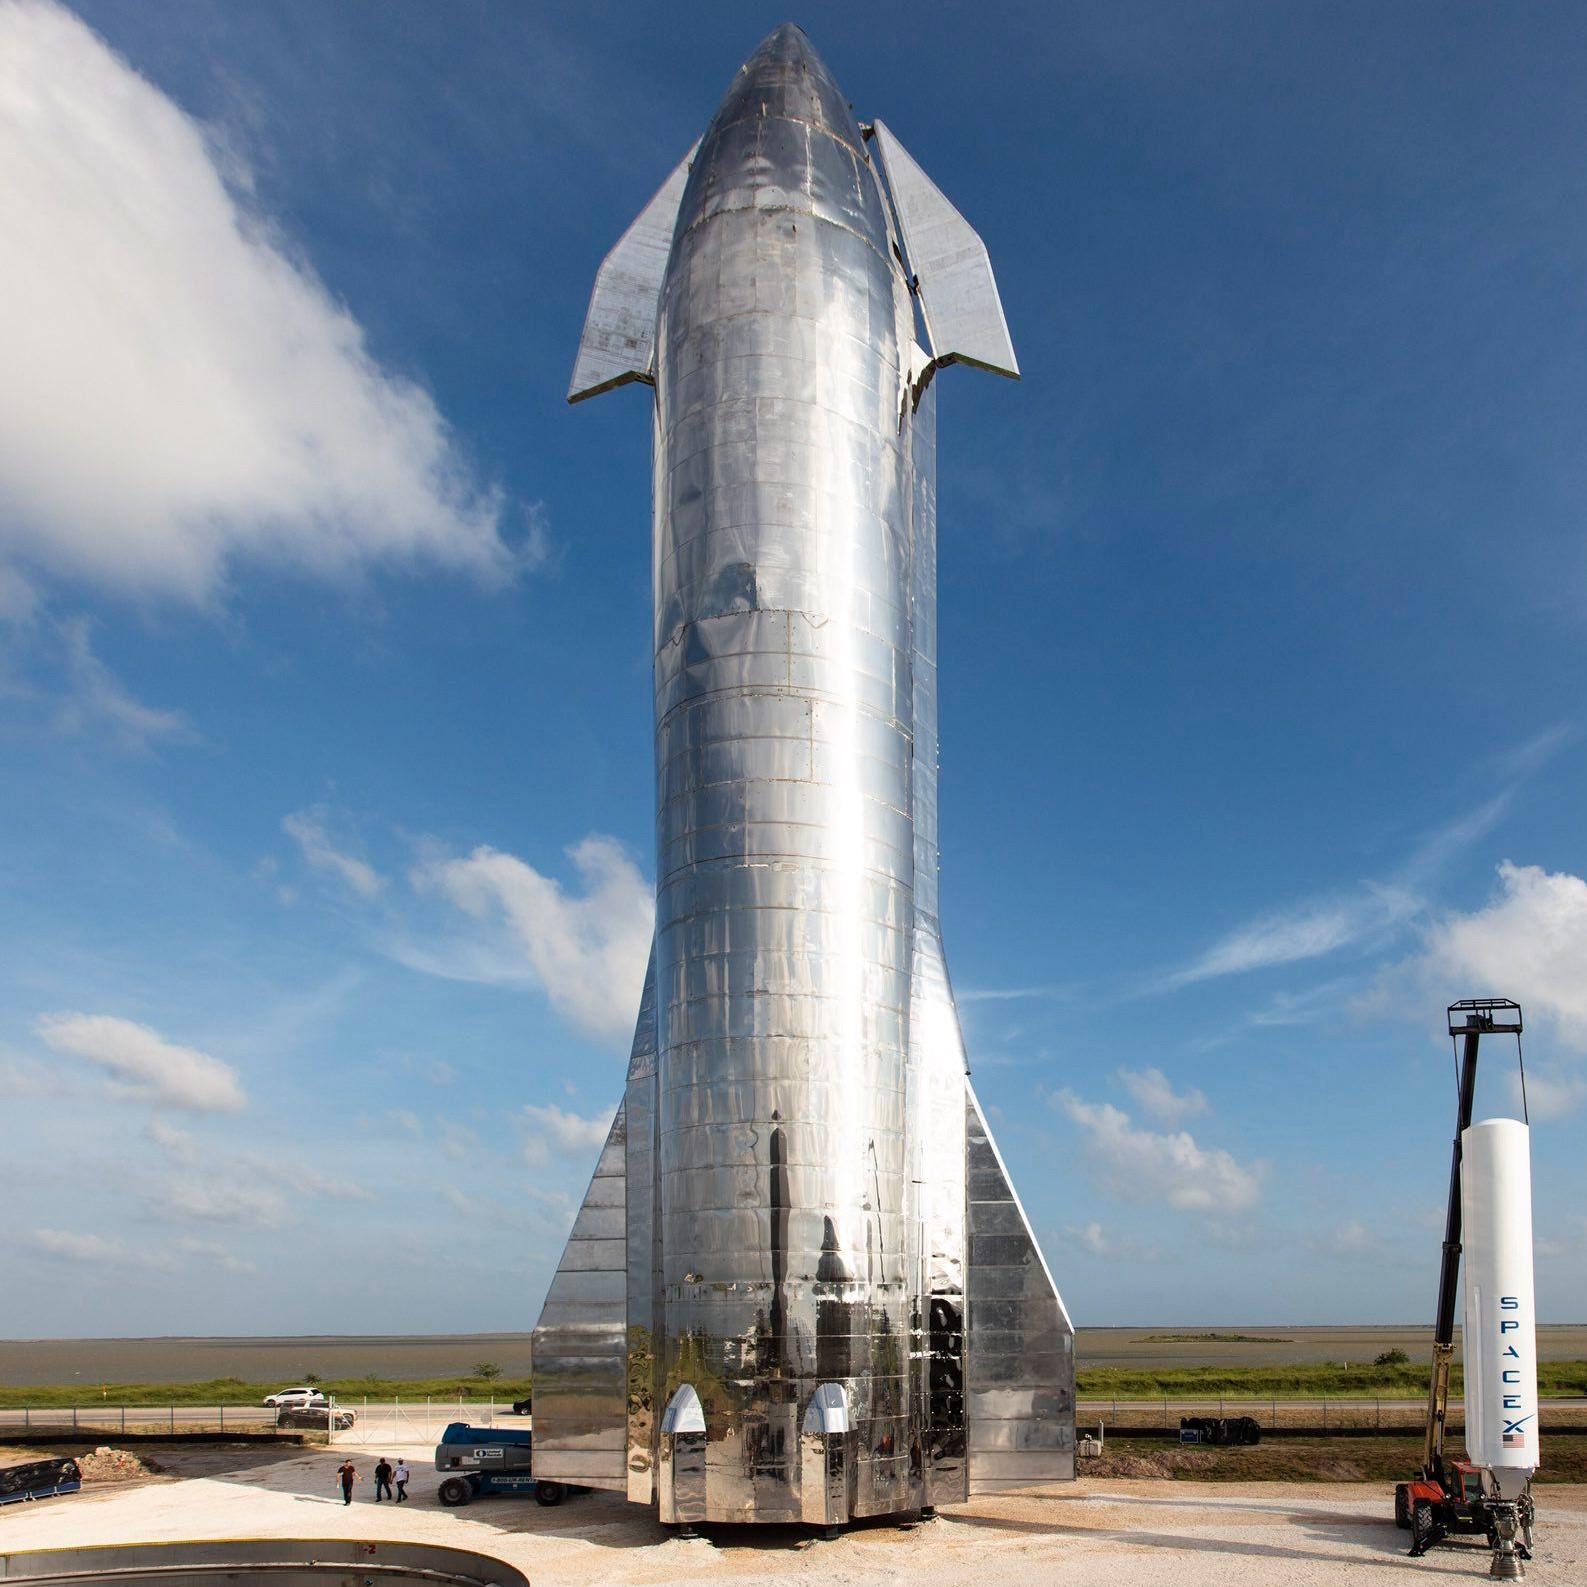 SpaceX starship. : MachinePorn